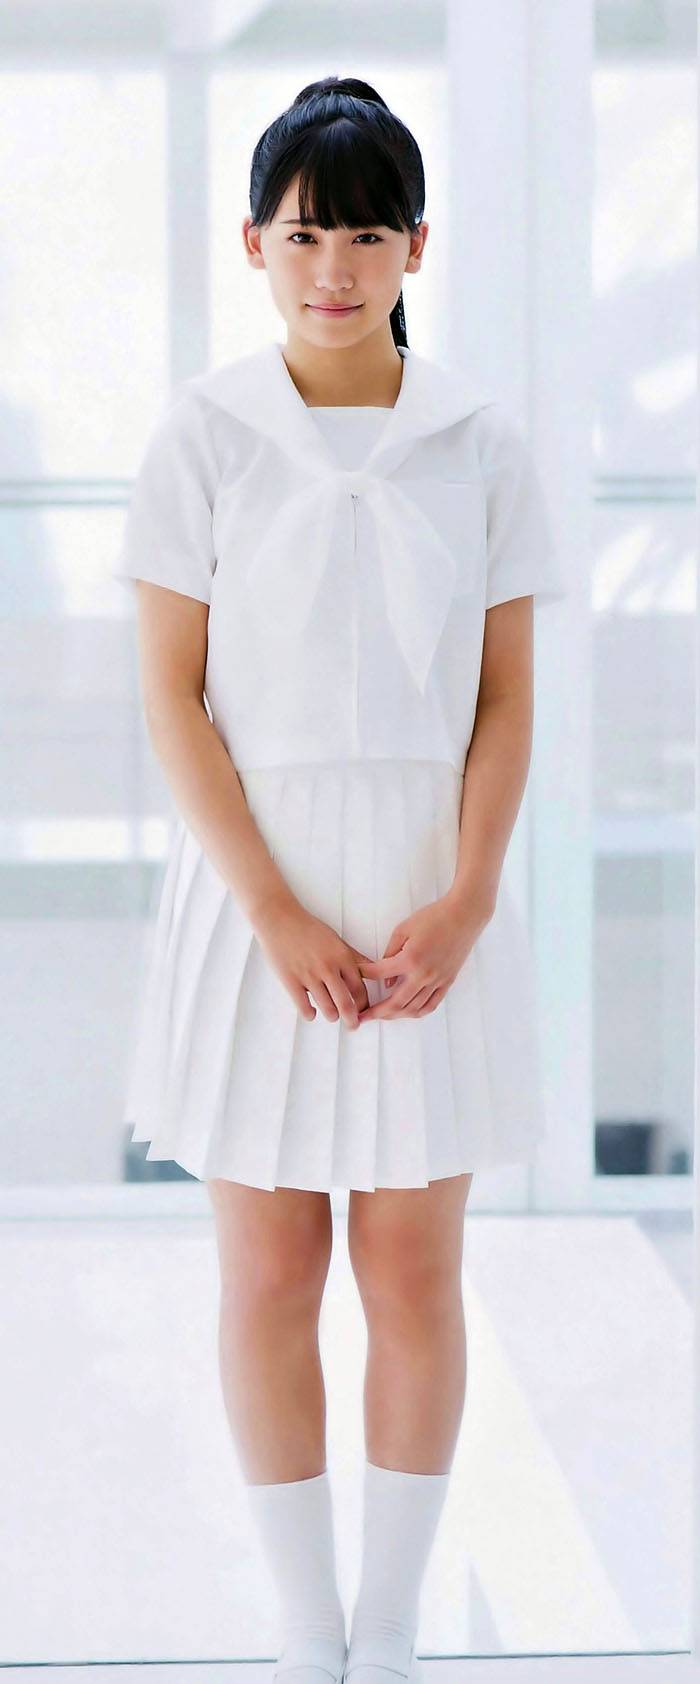 LlNXRv9-kojimako-kawa.jpg